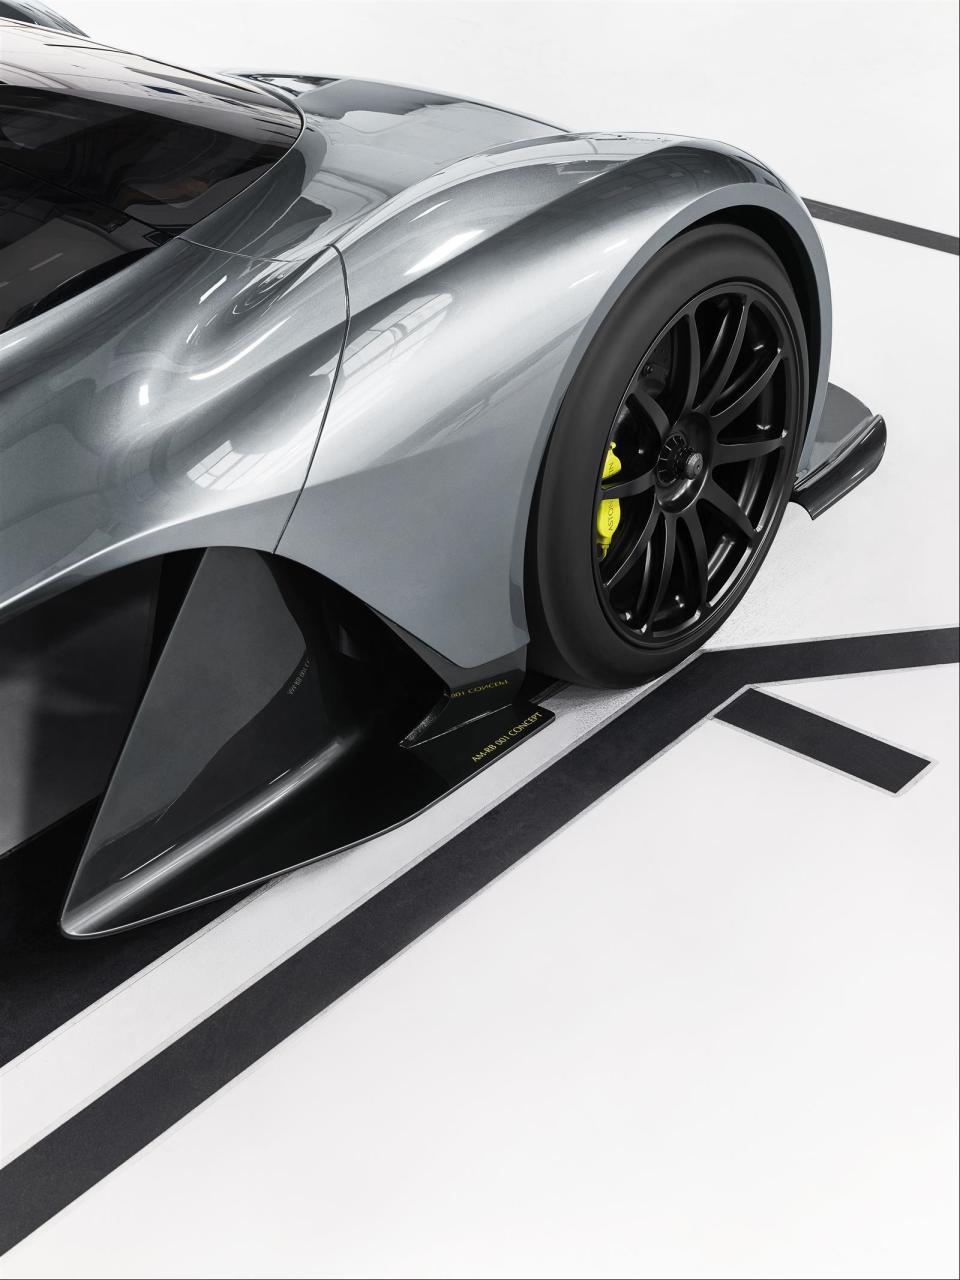 アストンマーティン×レッドブル! 豪華製作陣のハイパフォーマンスカー「AM-RB 001」 5番目の画像